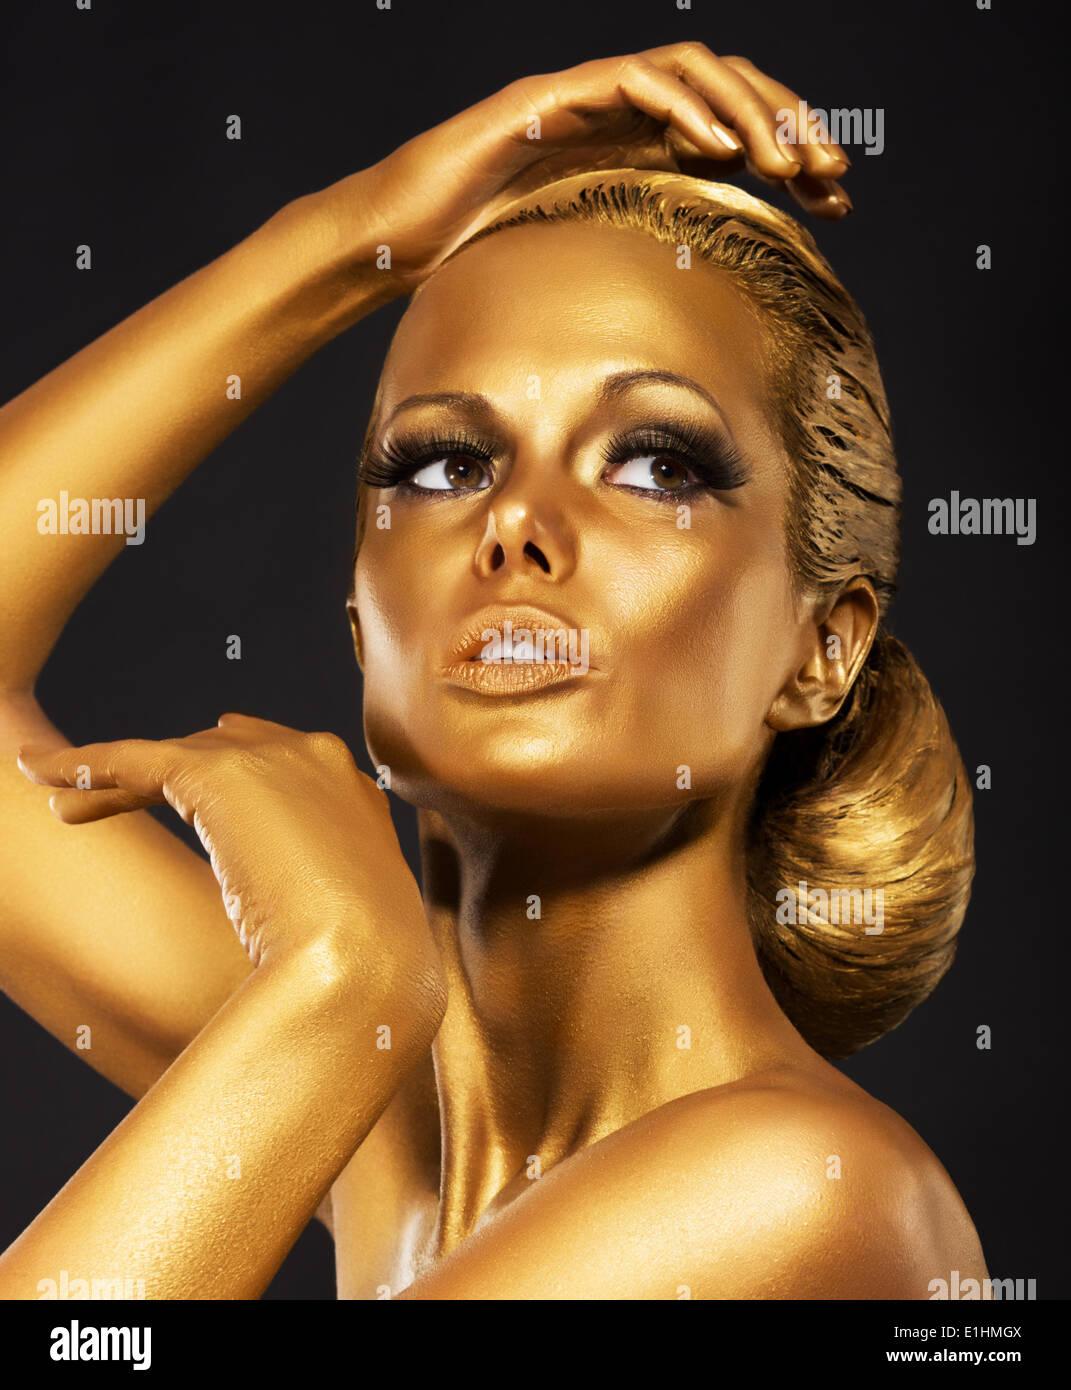 La réflexion. Portrait de femme brillant lumineux avec un miroir d'or. Bodypaint Bronze Photo Stock